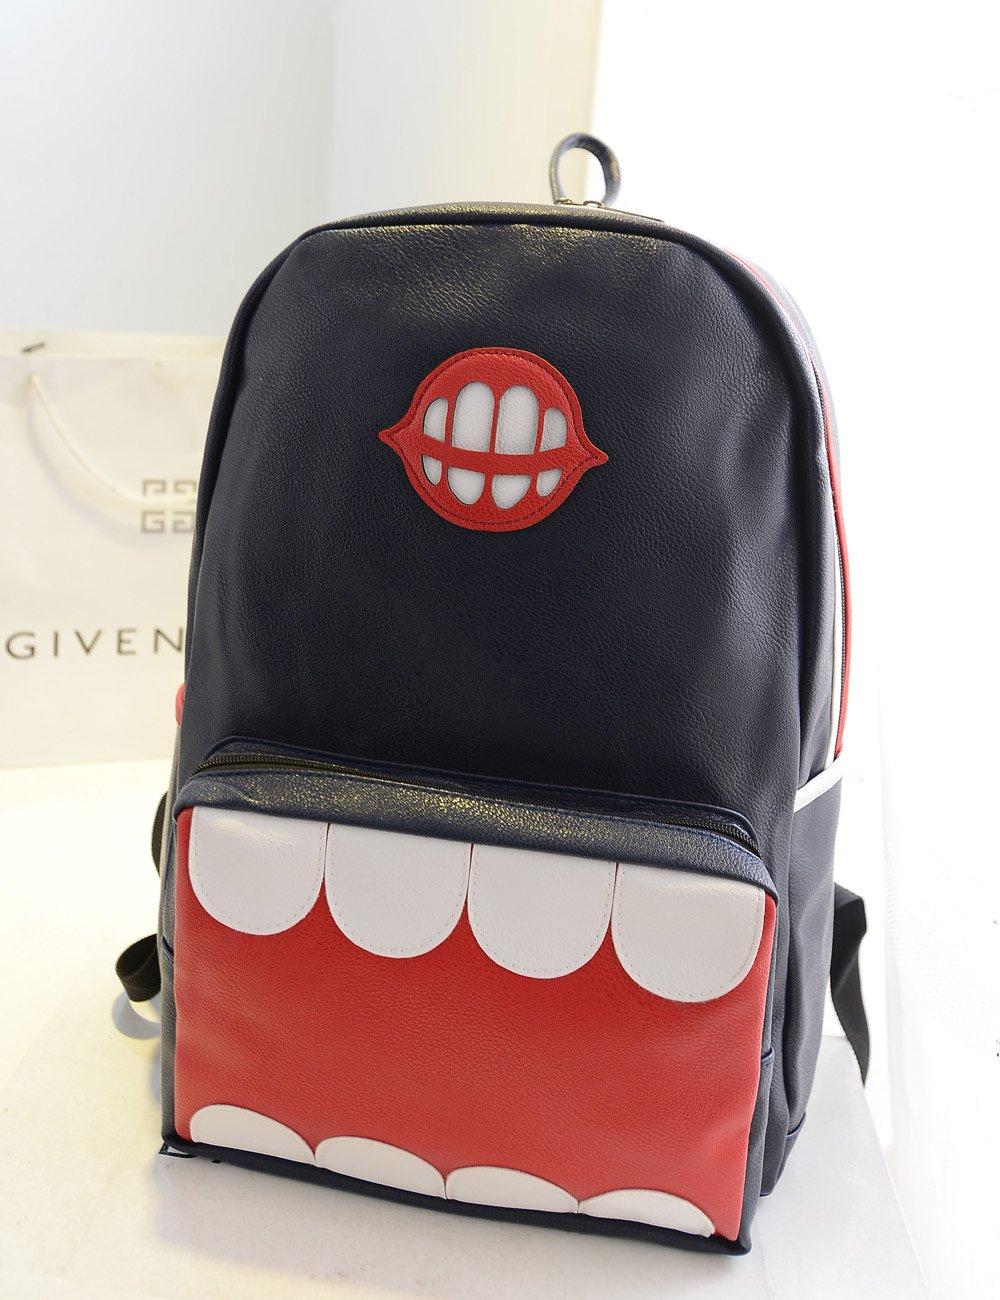 复古休闲韩版搞怪大牙齿双肩包-服饰箱包